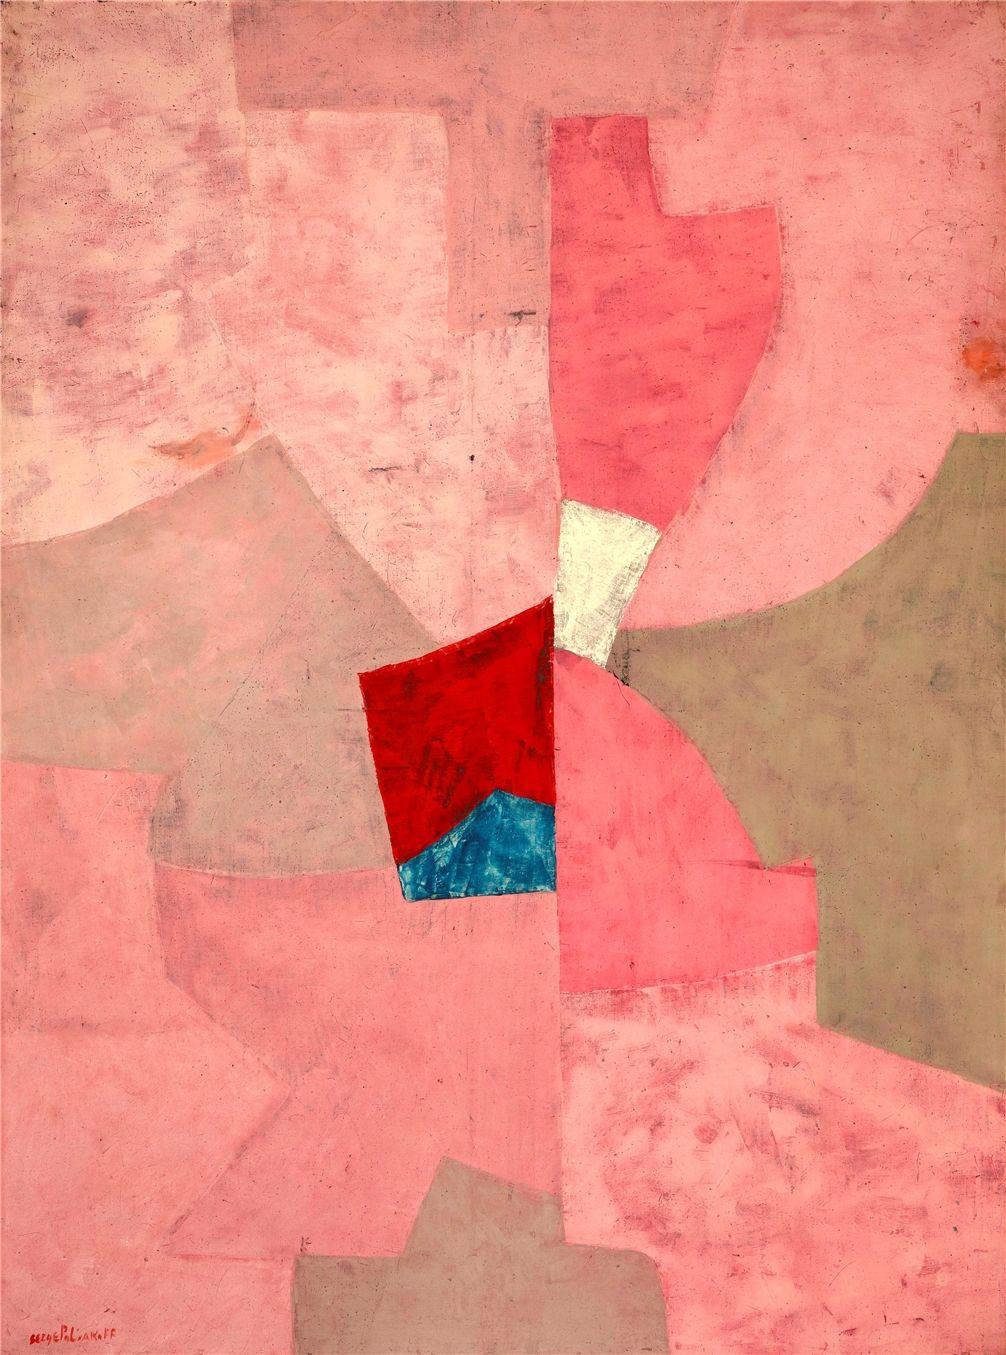 Serge Poliakoff Composition En Rose 1954 Huile Sur Toile 130 X 97 Cm Collection Fondation Gandur Abstrait Peintures Art Abstrait Abstraction Geometrique